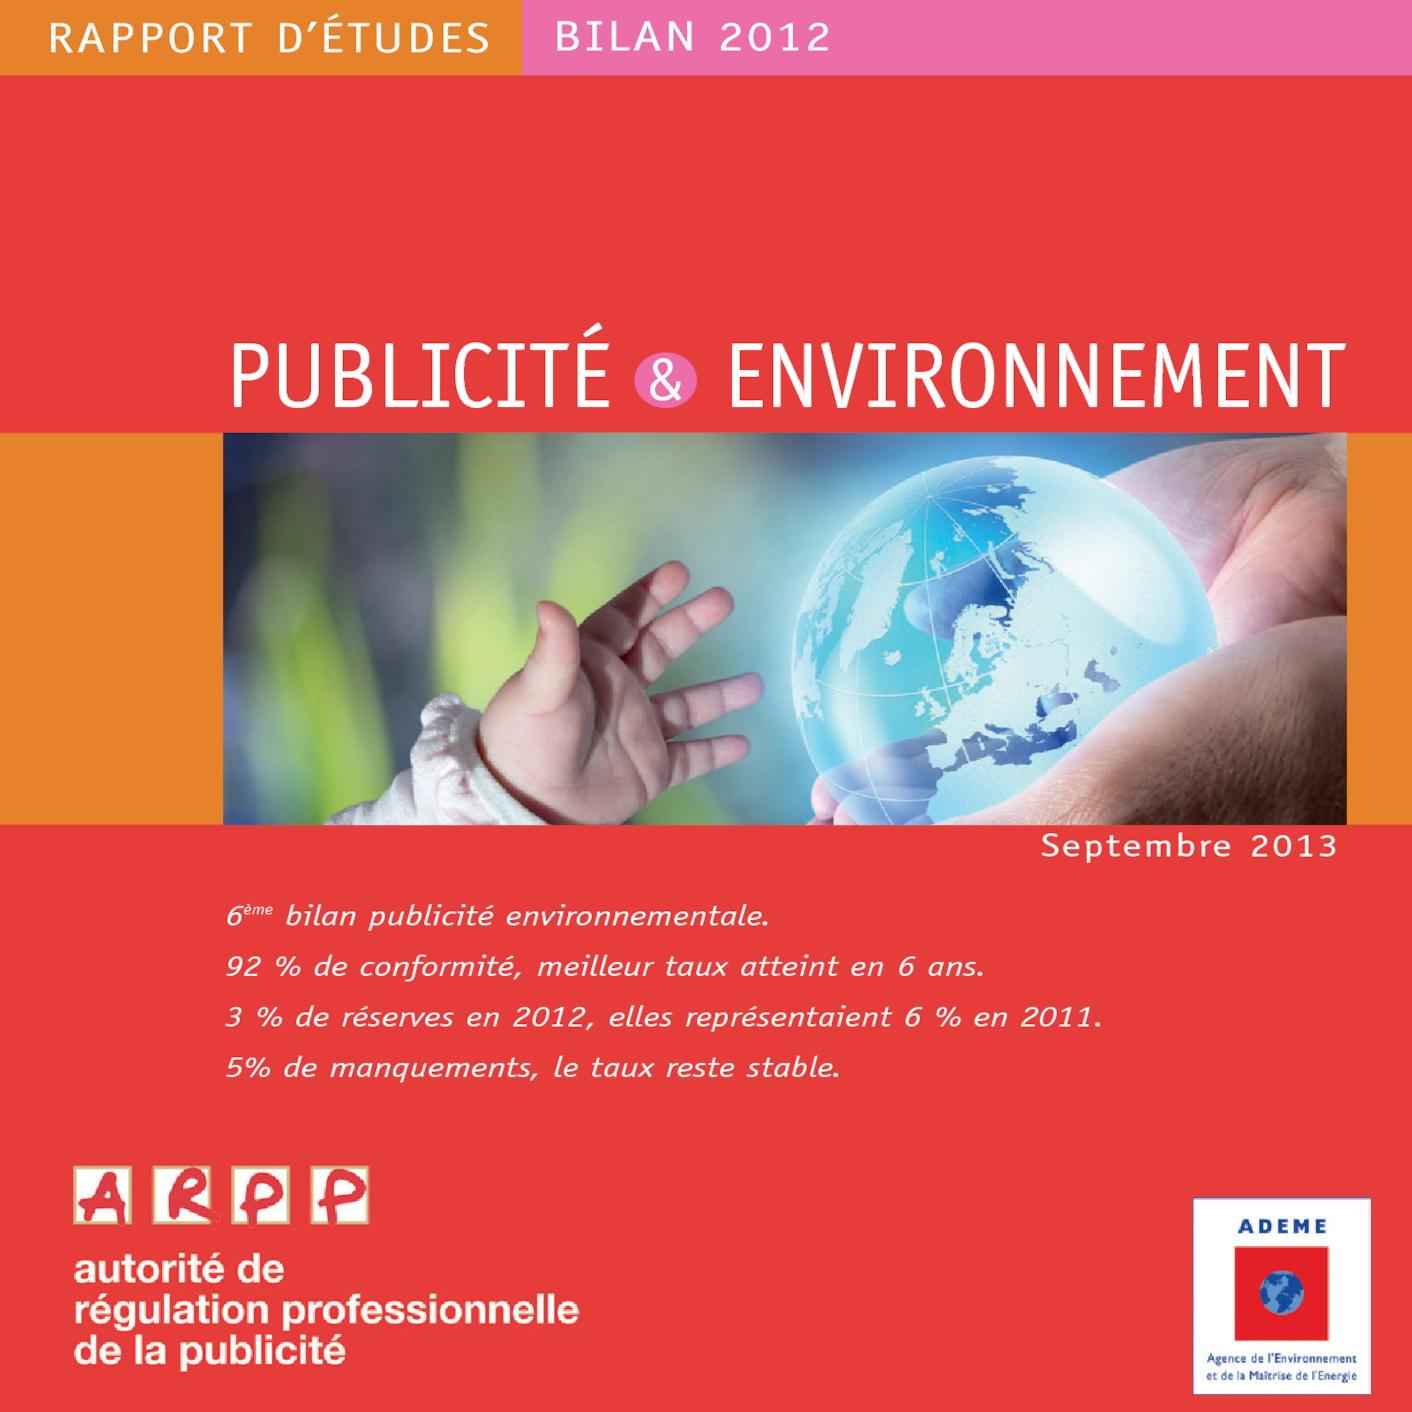 Bilan Publicité et Environnement 2012